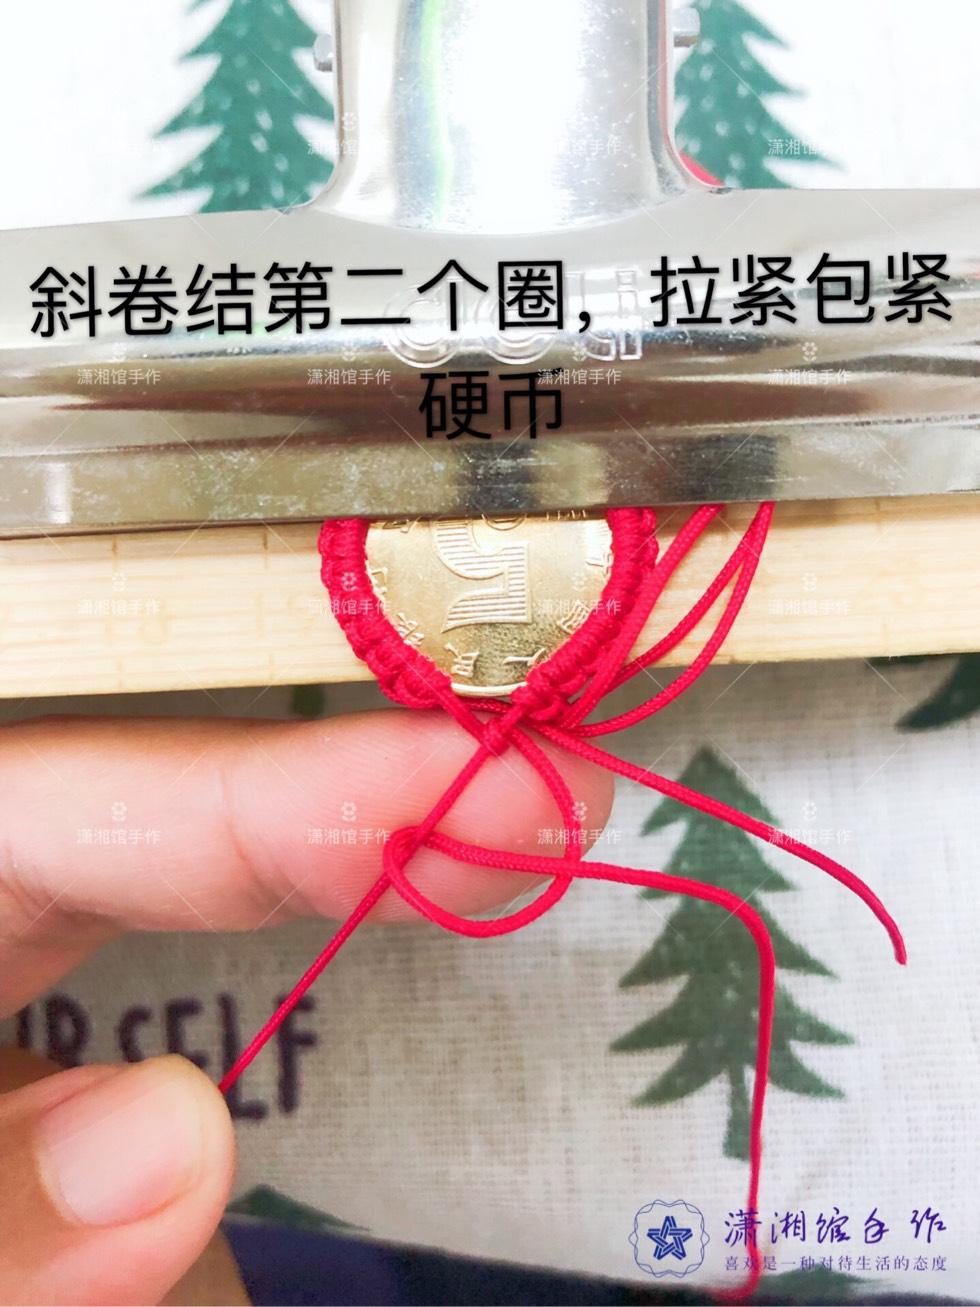 中国结论坛 硬币挂件天使翅膀钥匙扣教程  图文教程区 170040y7vwvpulwzjqjp9j